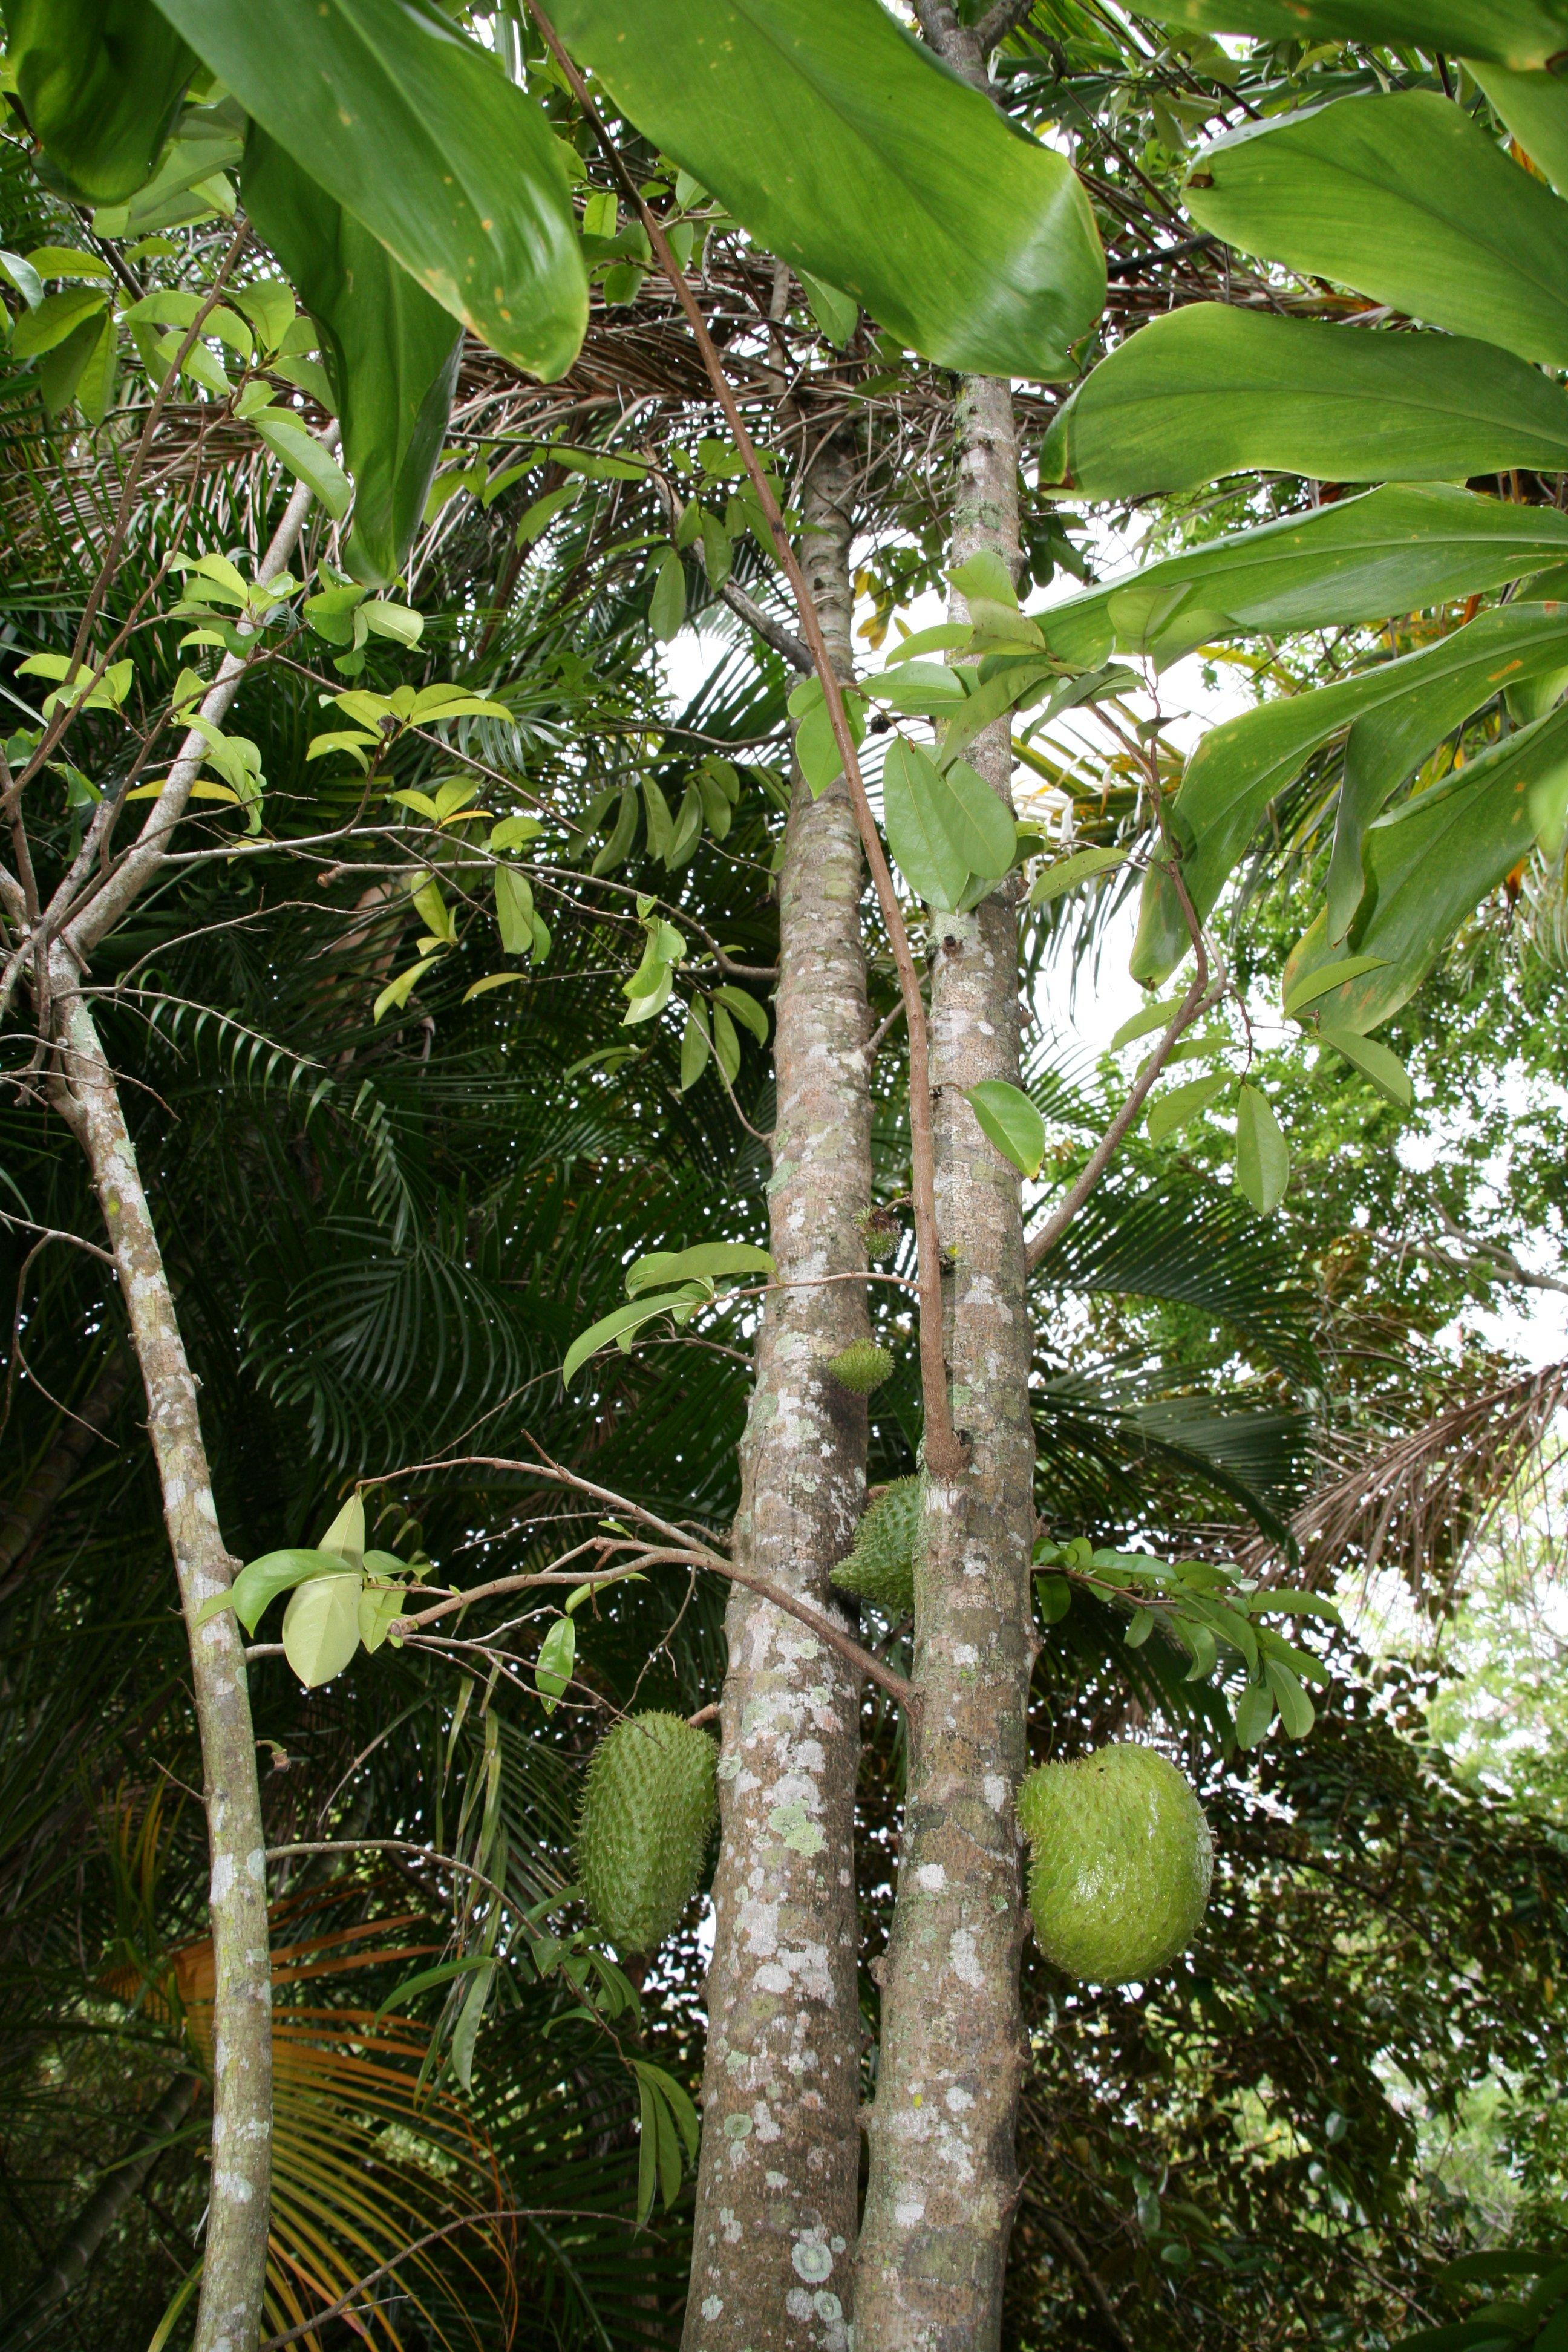 guanabana fruta dulce o acida